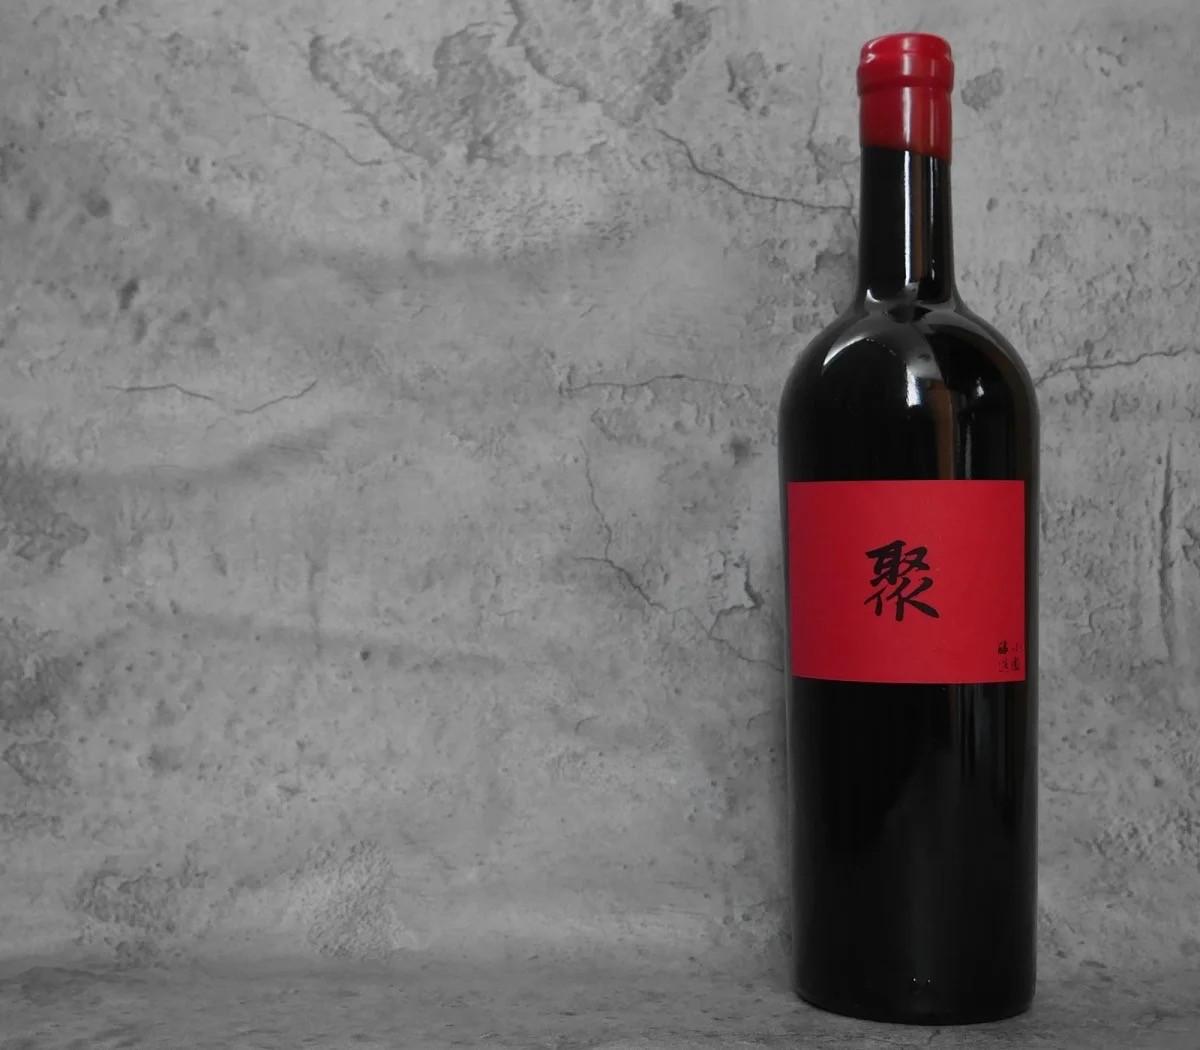 小圃酿造 聚 干红葡萄酒